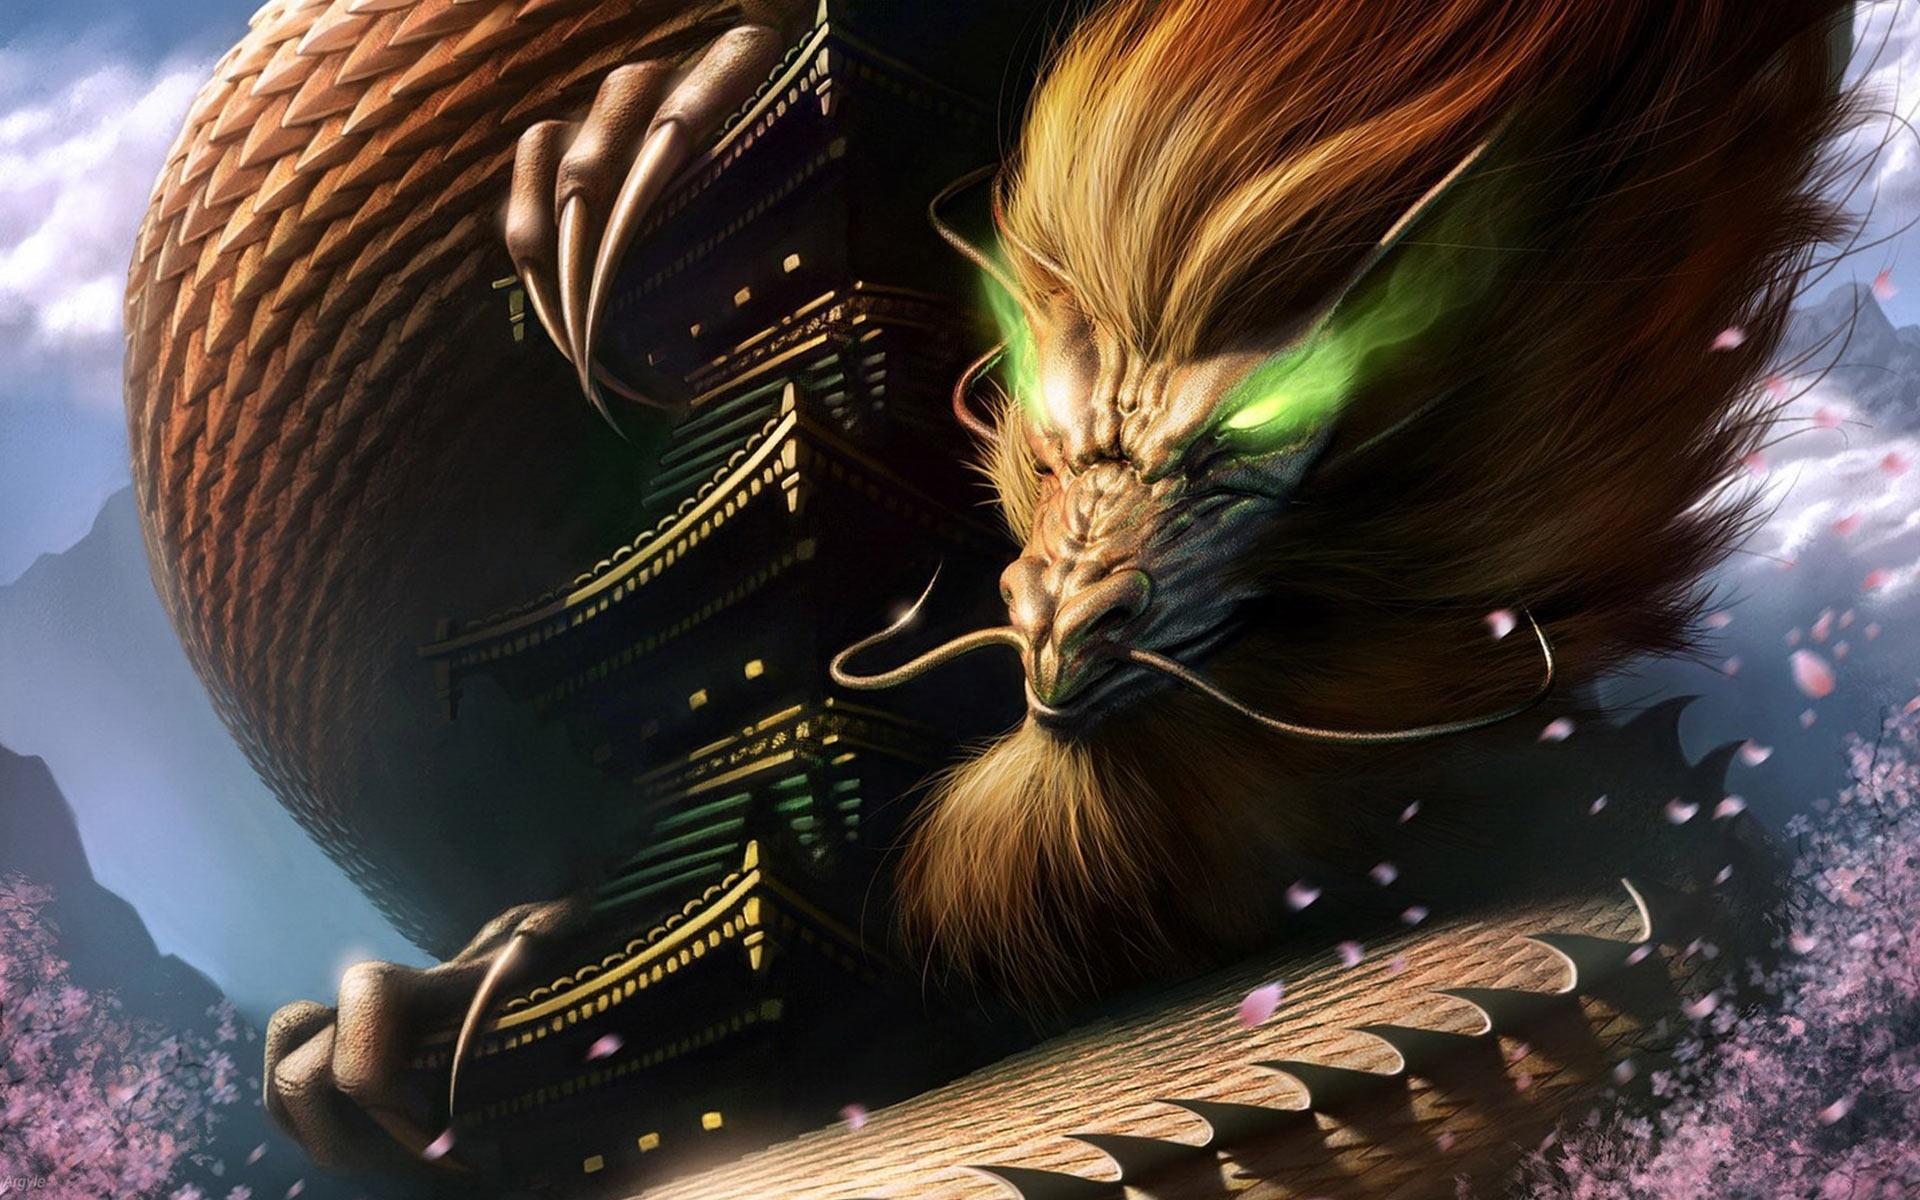 44 Chinese Dragon Wallpaper Desktop On Wallpapersafari